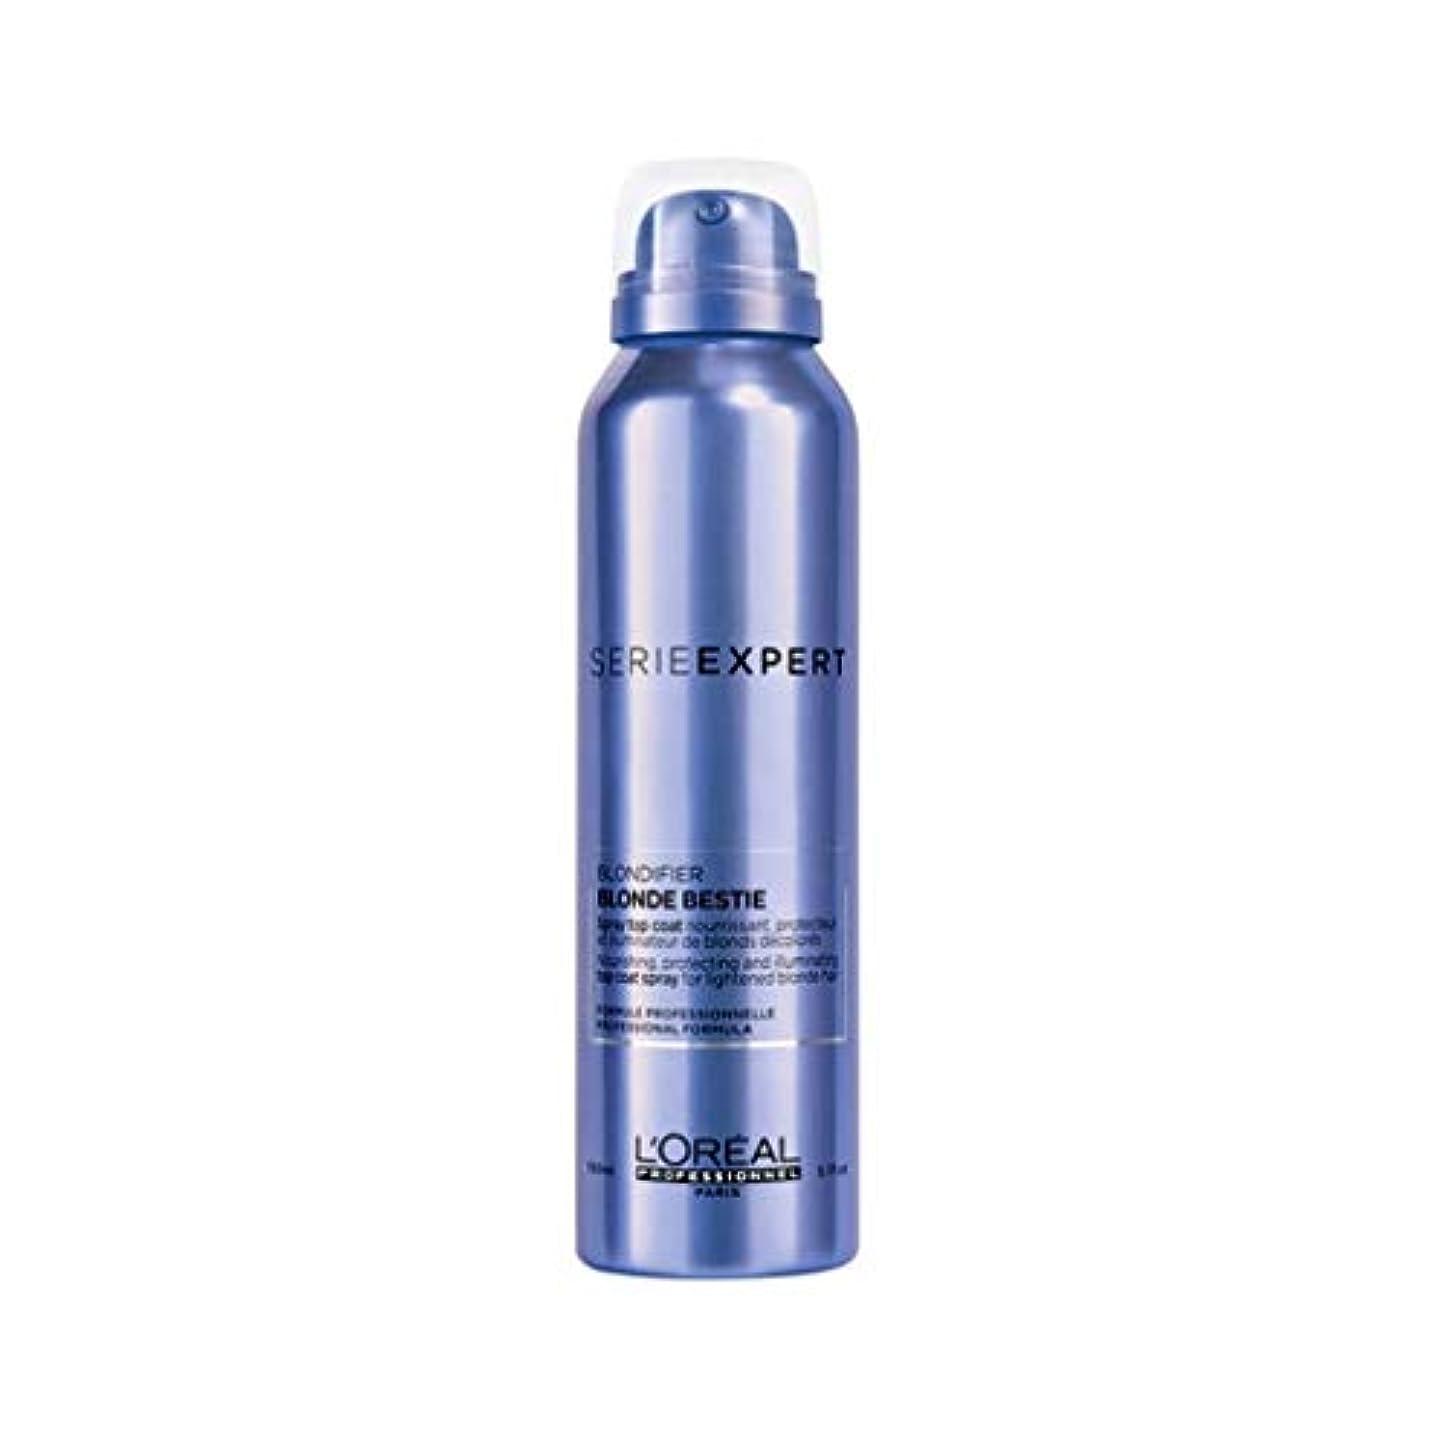 時折水陸両用ノイズロレアル セリエ エクスパート ブロンディファイア ブロンド ベスティー スプレー L'Oreal Serie Expert Blondifier Blond Bestie Spray 150 ml [並行輸入品]